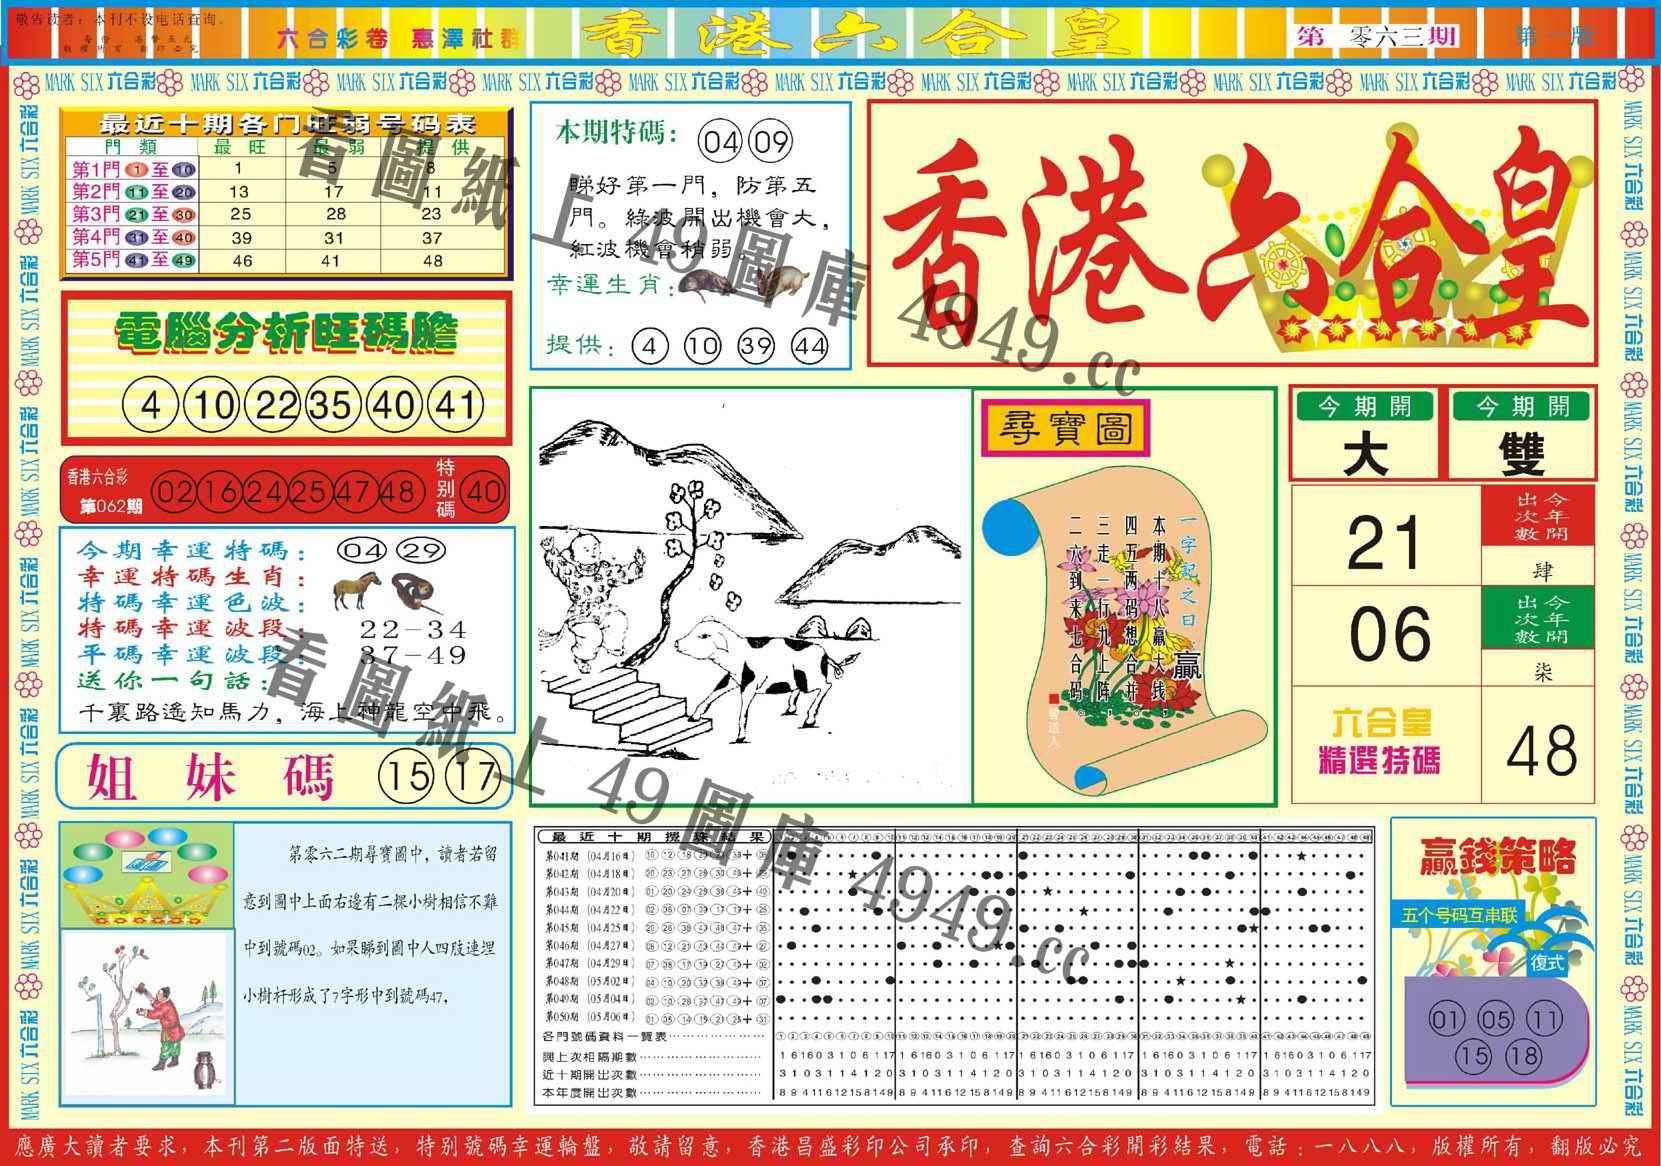 063期香港六合皇A